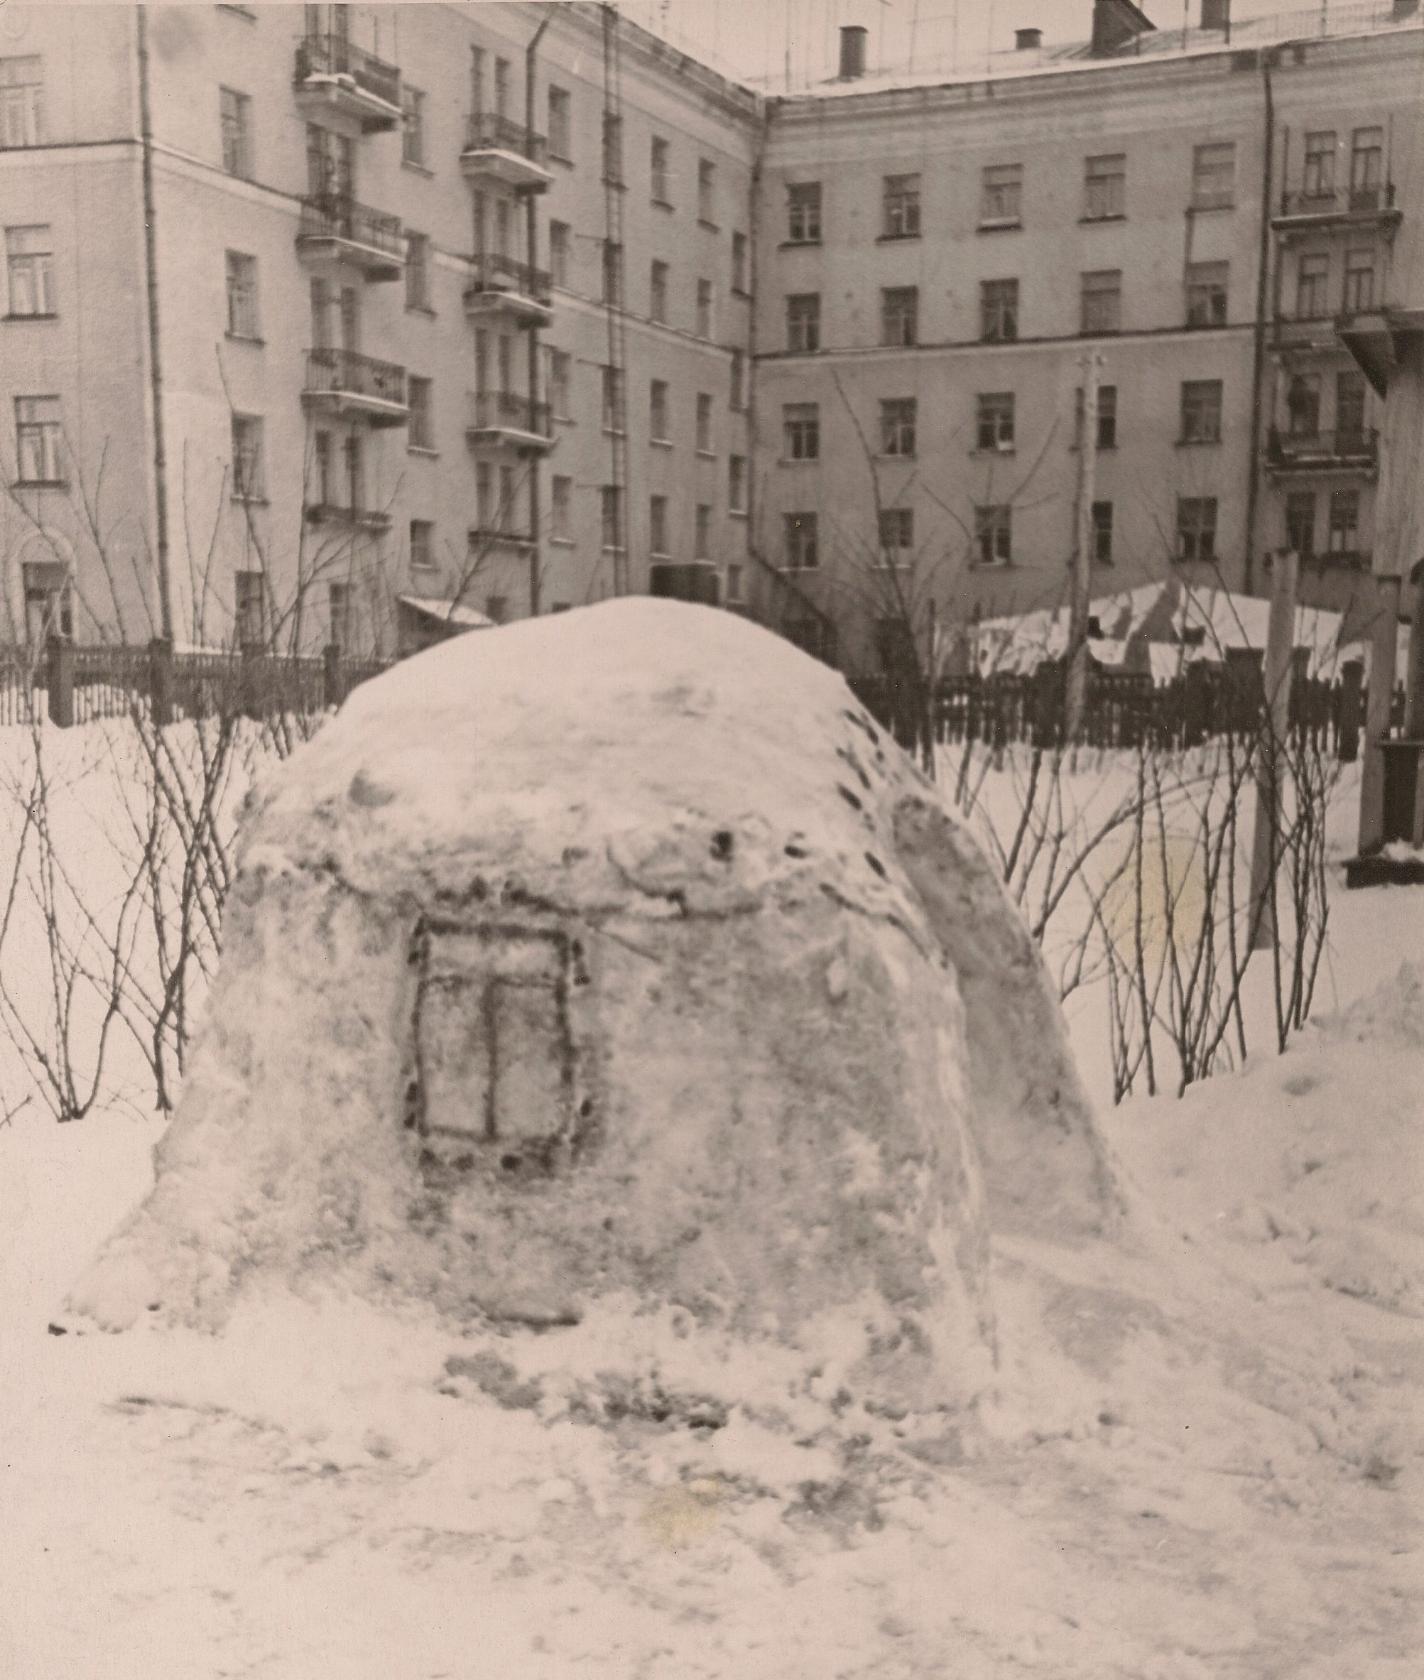 Детский сад на ул. Ленина (Б.Очаковская) 50-60-е годы XX века. Находился на 1-м этаже Общежития, на месте которого теперь находится ДМШ им. Таривердиева9